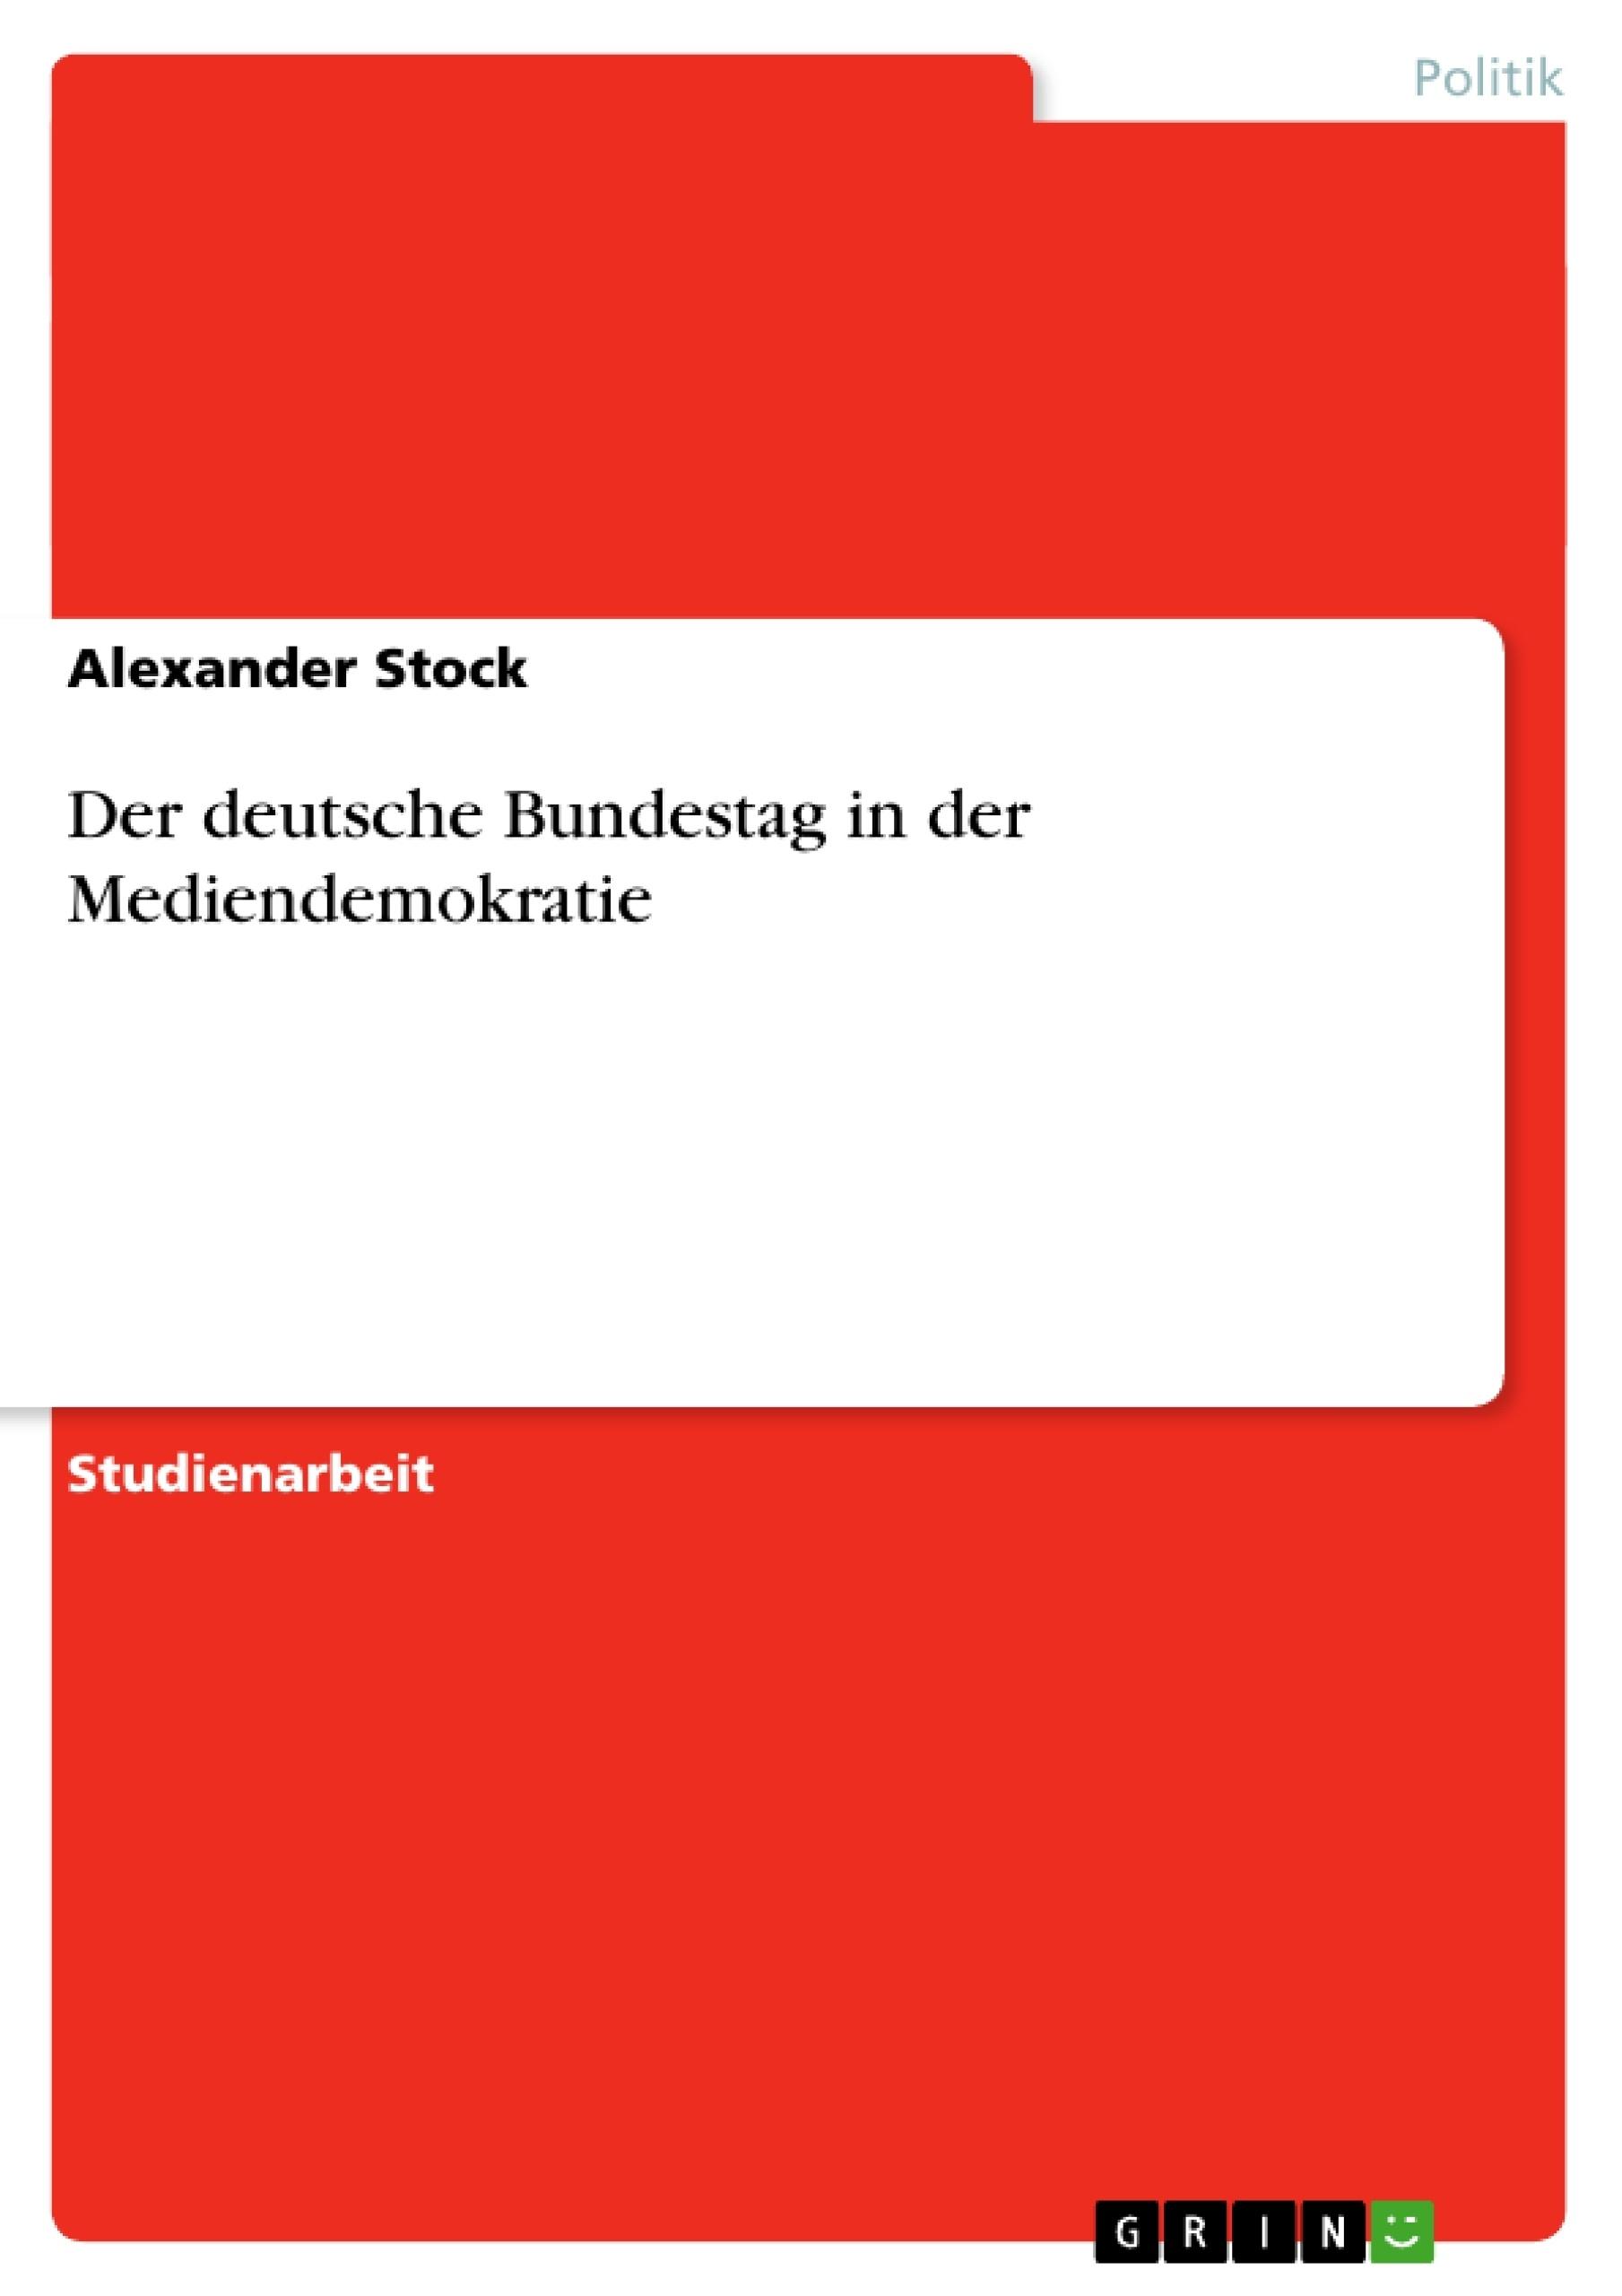 Titel: Der deutsche Bundestag in der Mediendemokratie